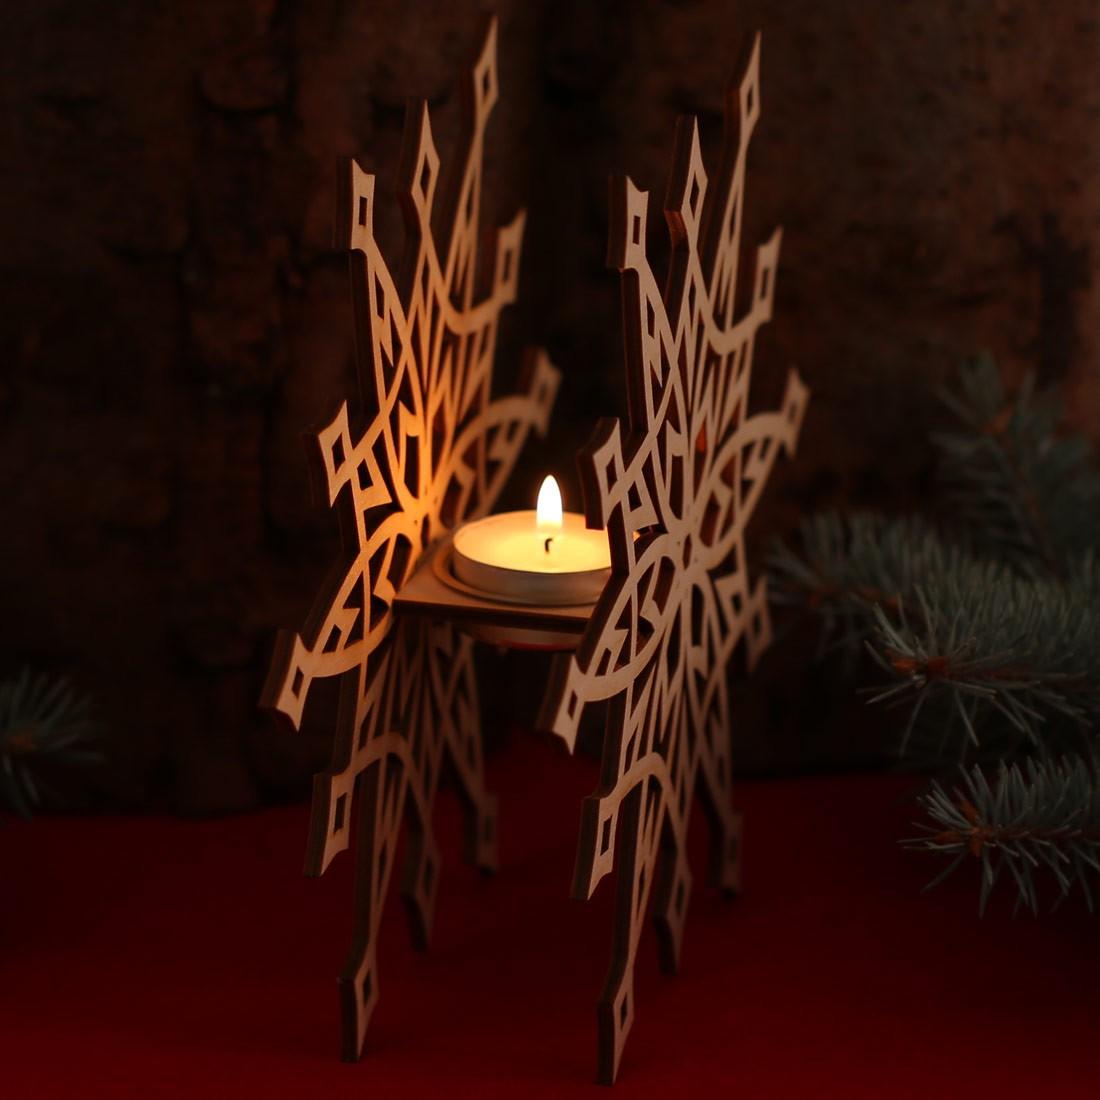 stern teelichthalter dekoration aus holz f r weihnachten. Black Bedroom Furniture Sets. Home Design Ideas